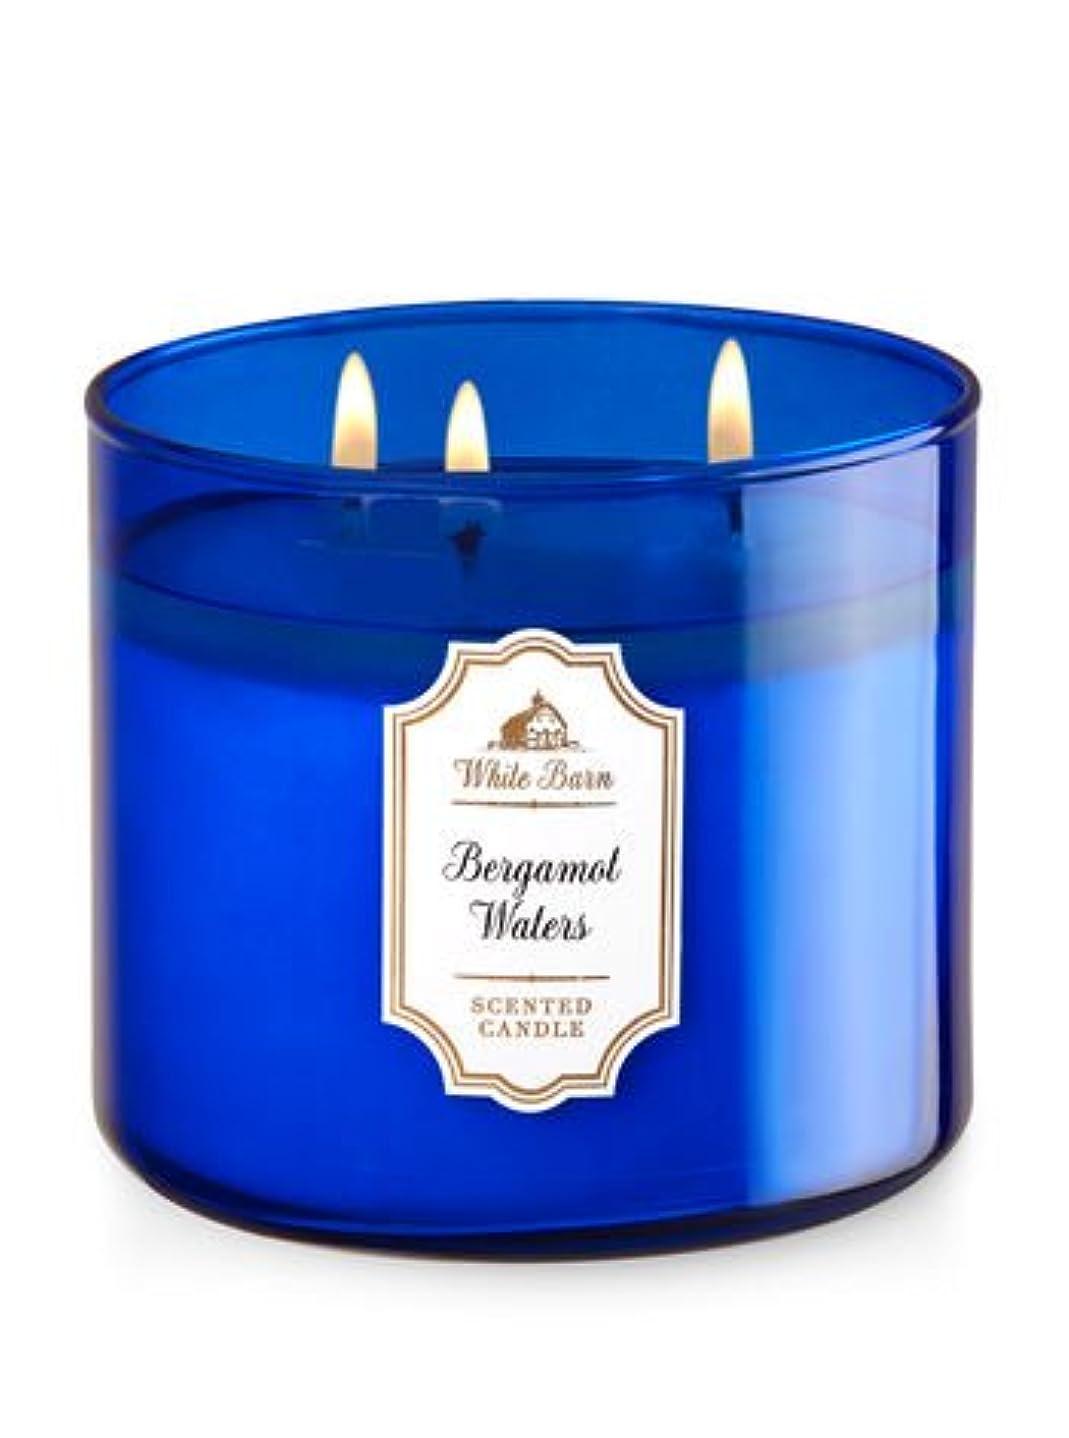 第刺すジャグリング【Bath&Body Works/バス&ボディワークス】 アロマキャンドル ベルガモットウォーター 3-Wick Scented Candle Bergamot Waters 14.5oz/411g [並行輸入品]